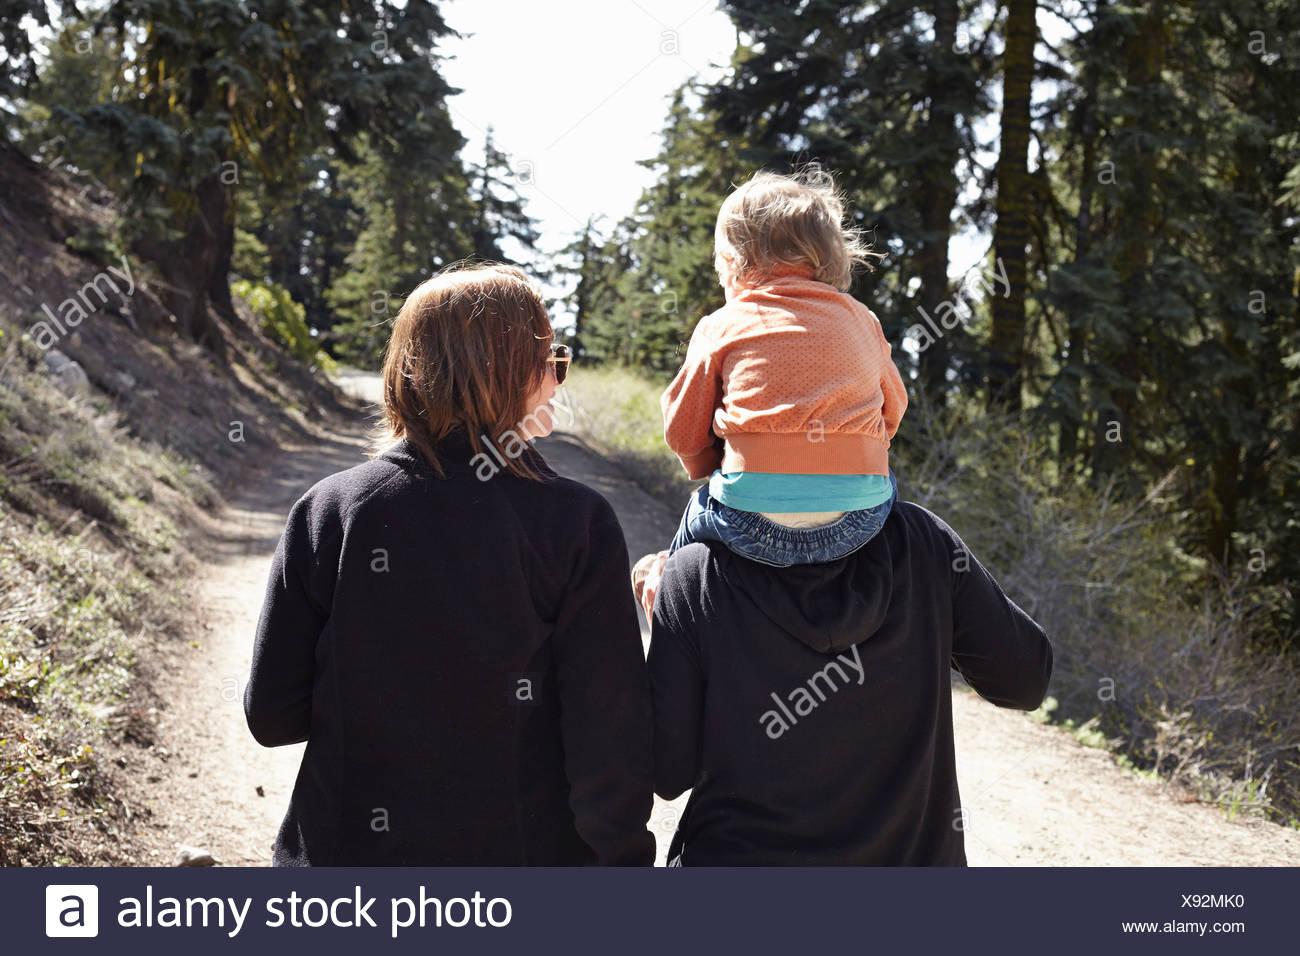 Les femmes marchant à travers la forêt dans l'Oregon, USA, avec l'enfant assis sur les épaules Photo Stock